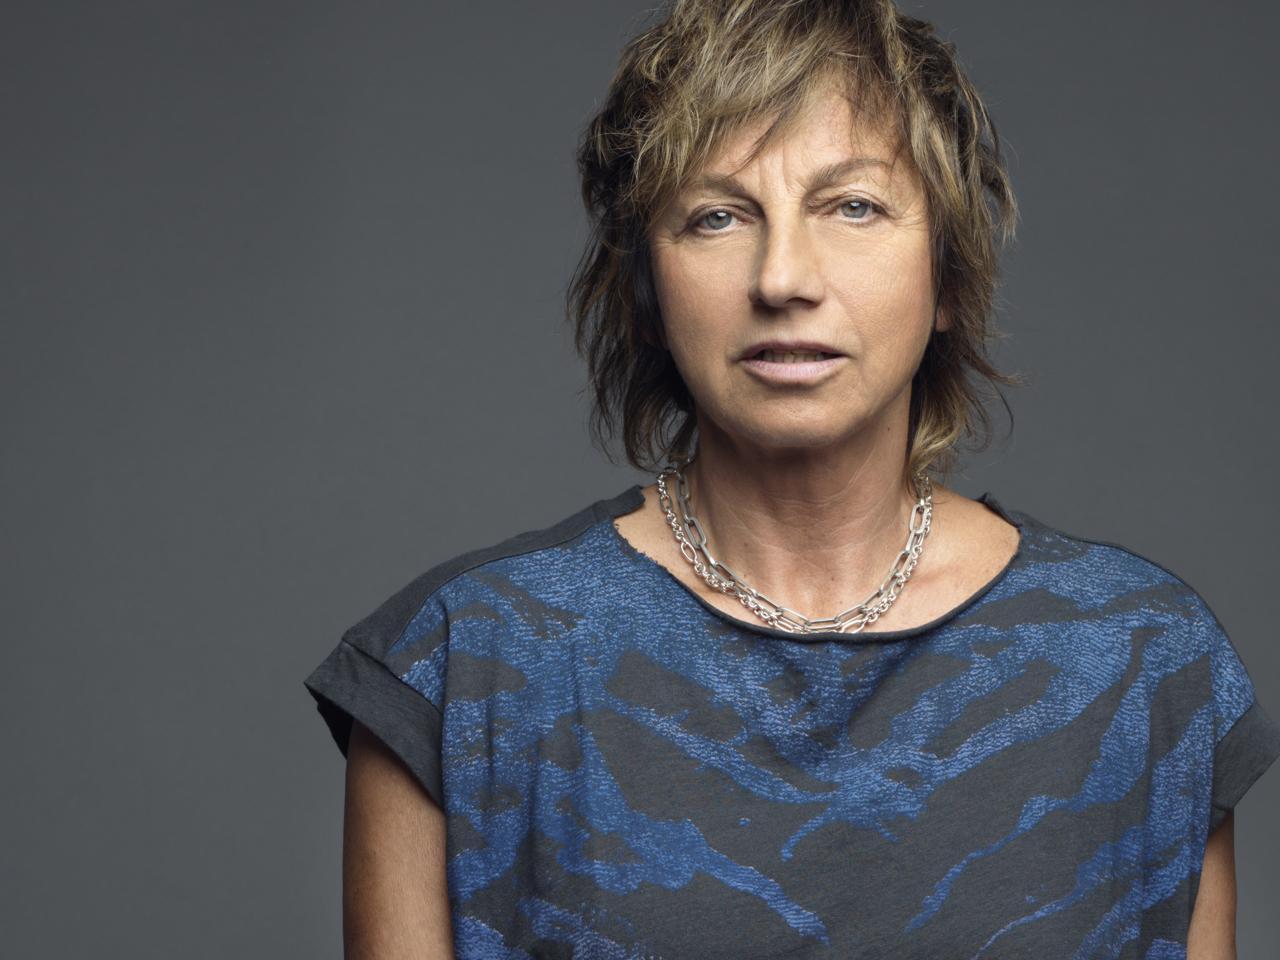 Gianna Nannini rinviata al 2021 i concerti in Italia e all'estero